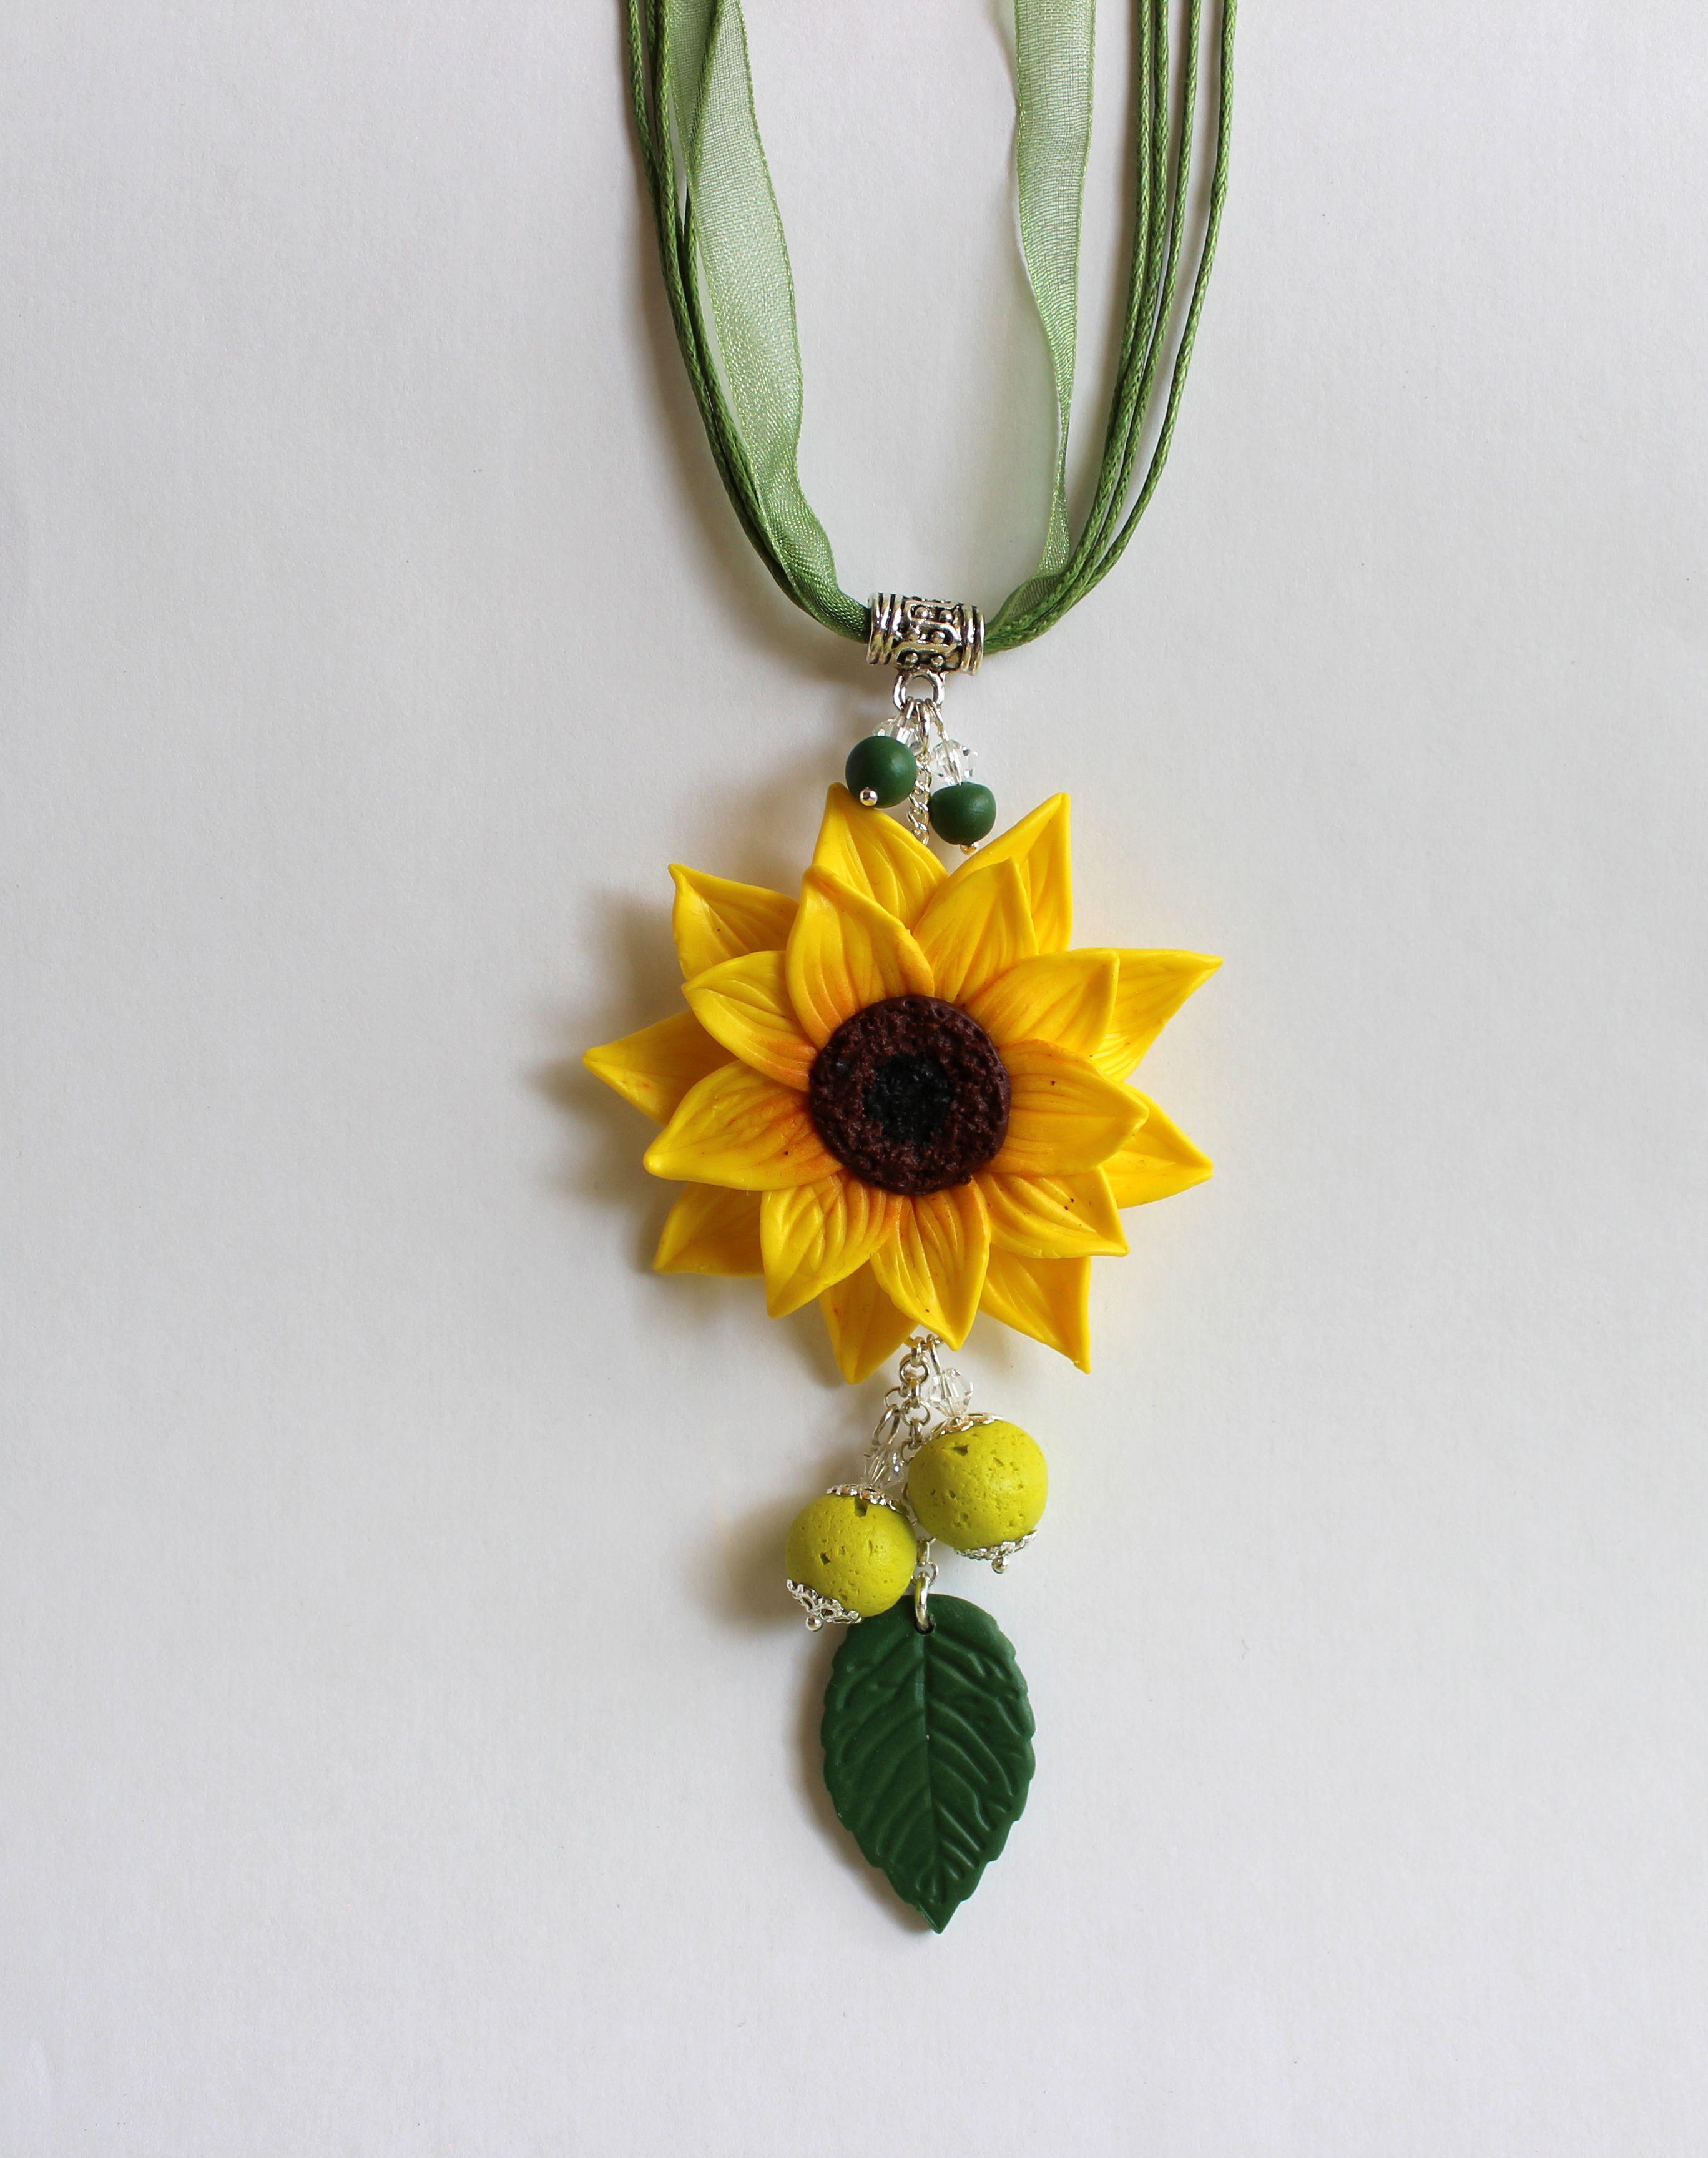 подсолнух украшения подвеска желтый бижутерия кулон зеленый яркий цветок лето